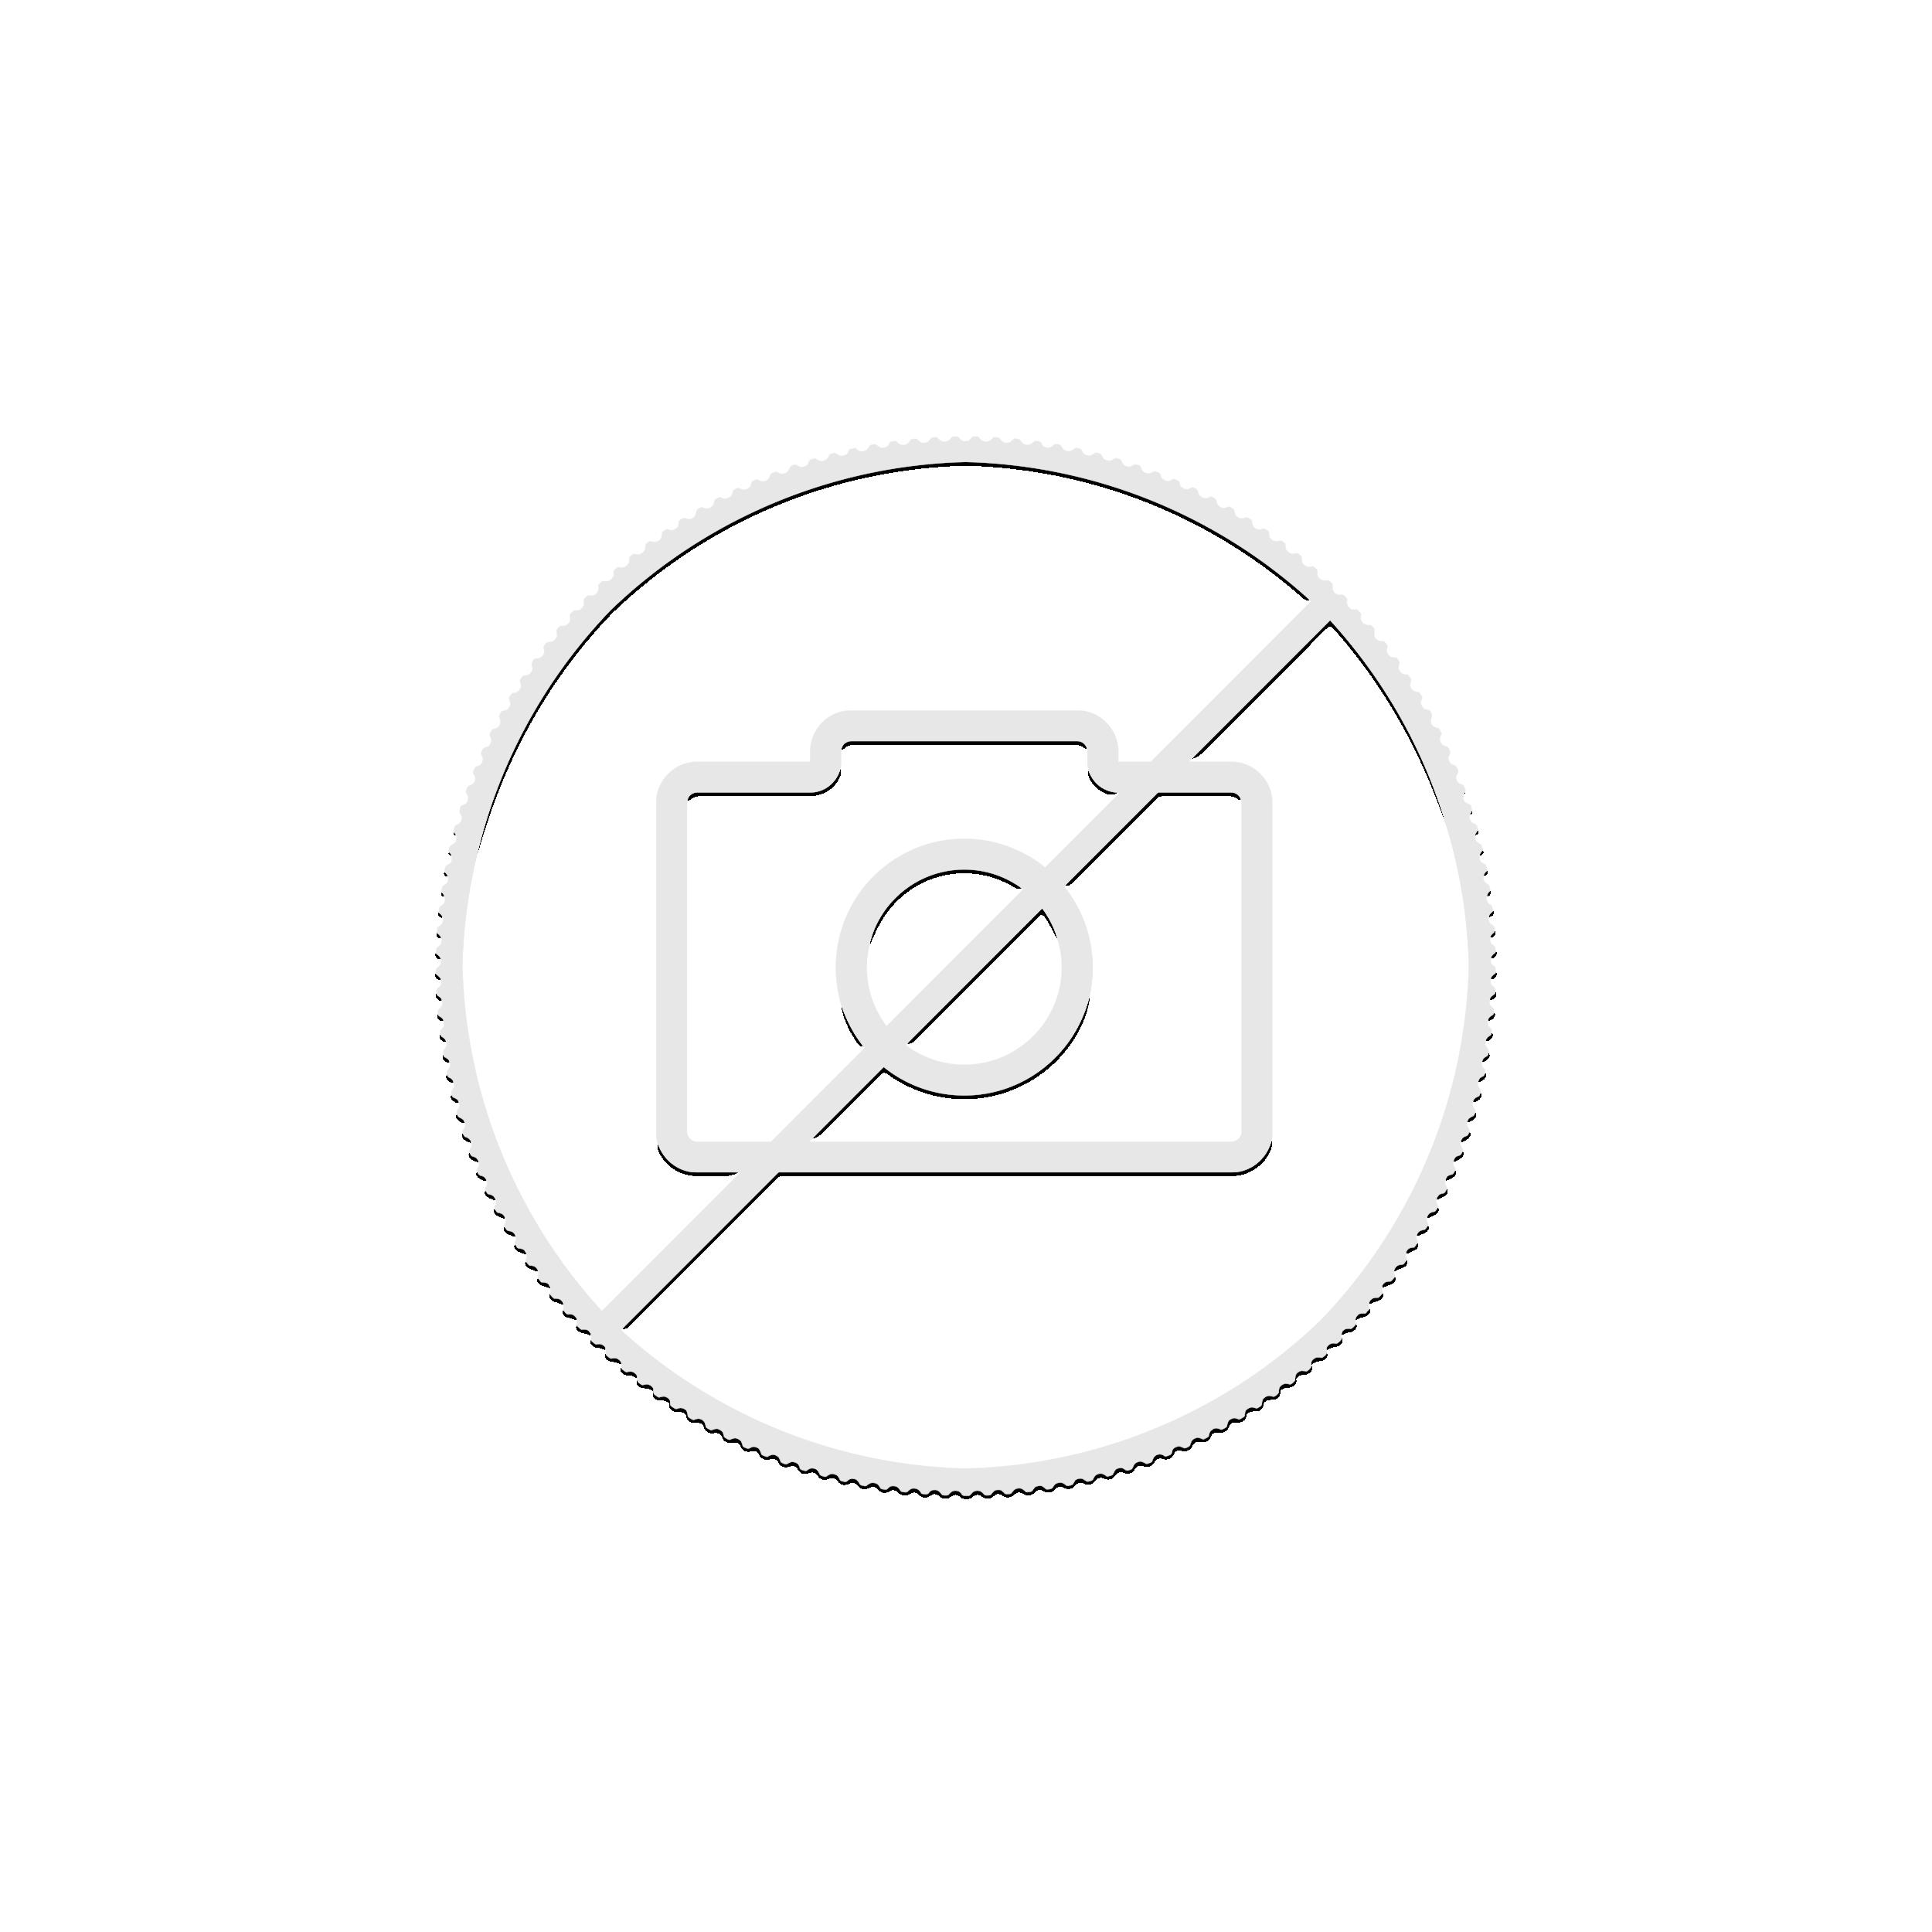 1/2 Troy ounce Golden Eagle 2018